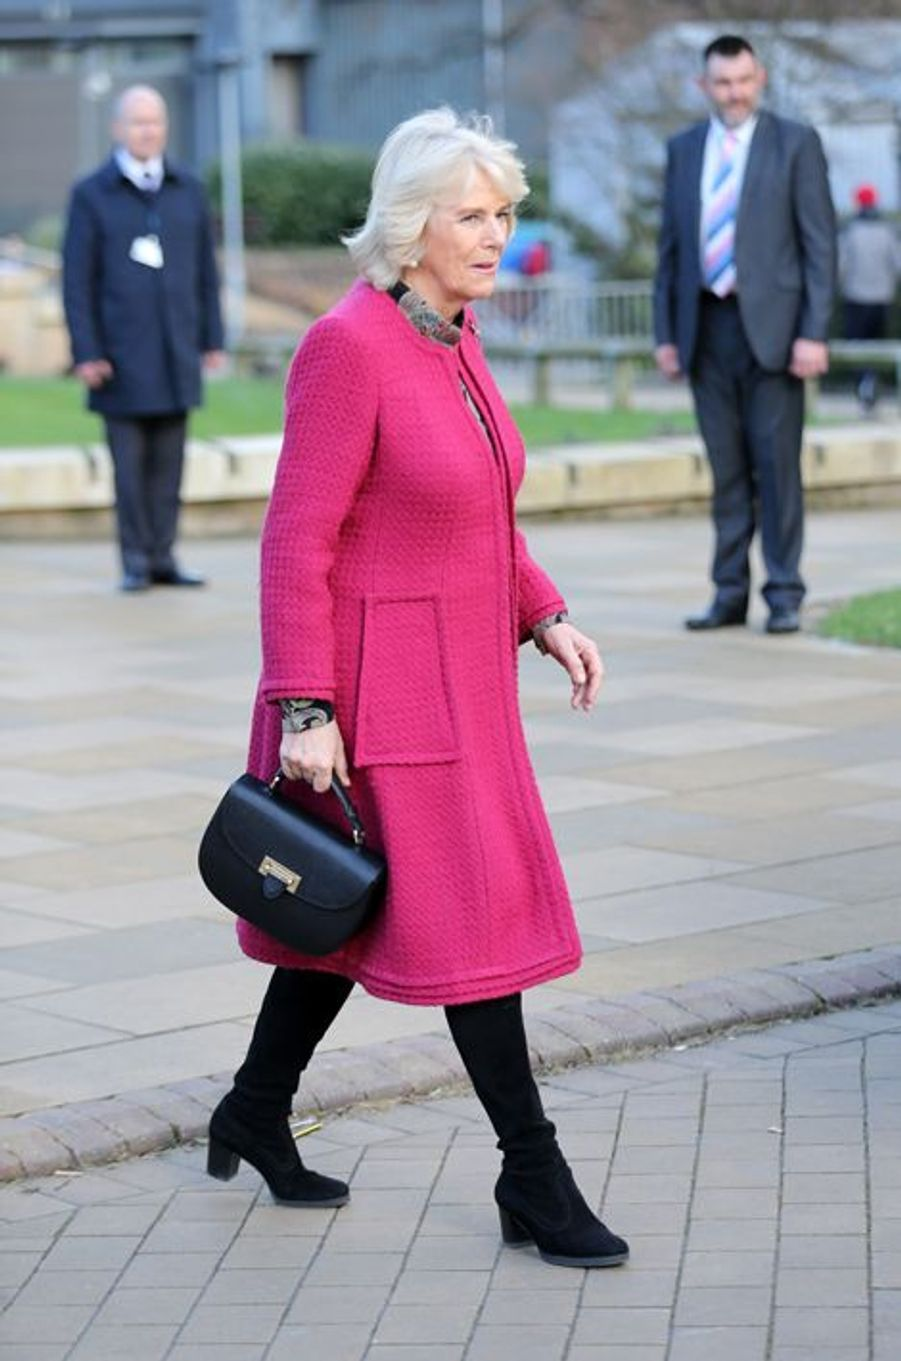 La duchesse de Cornouailles Camilla à l'Université de Southampton, le 11 février 2016